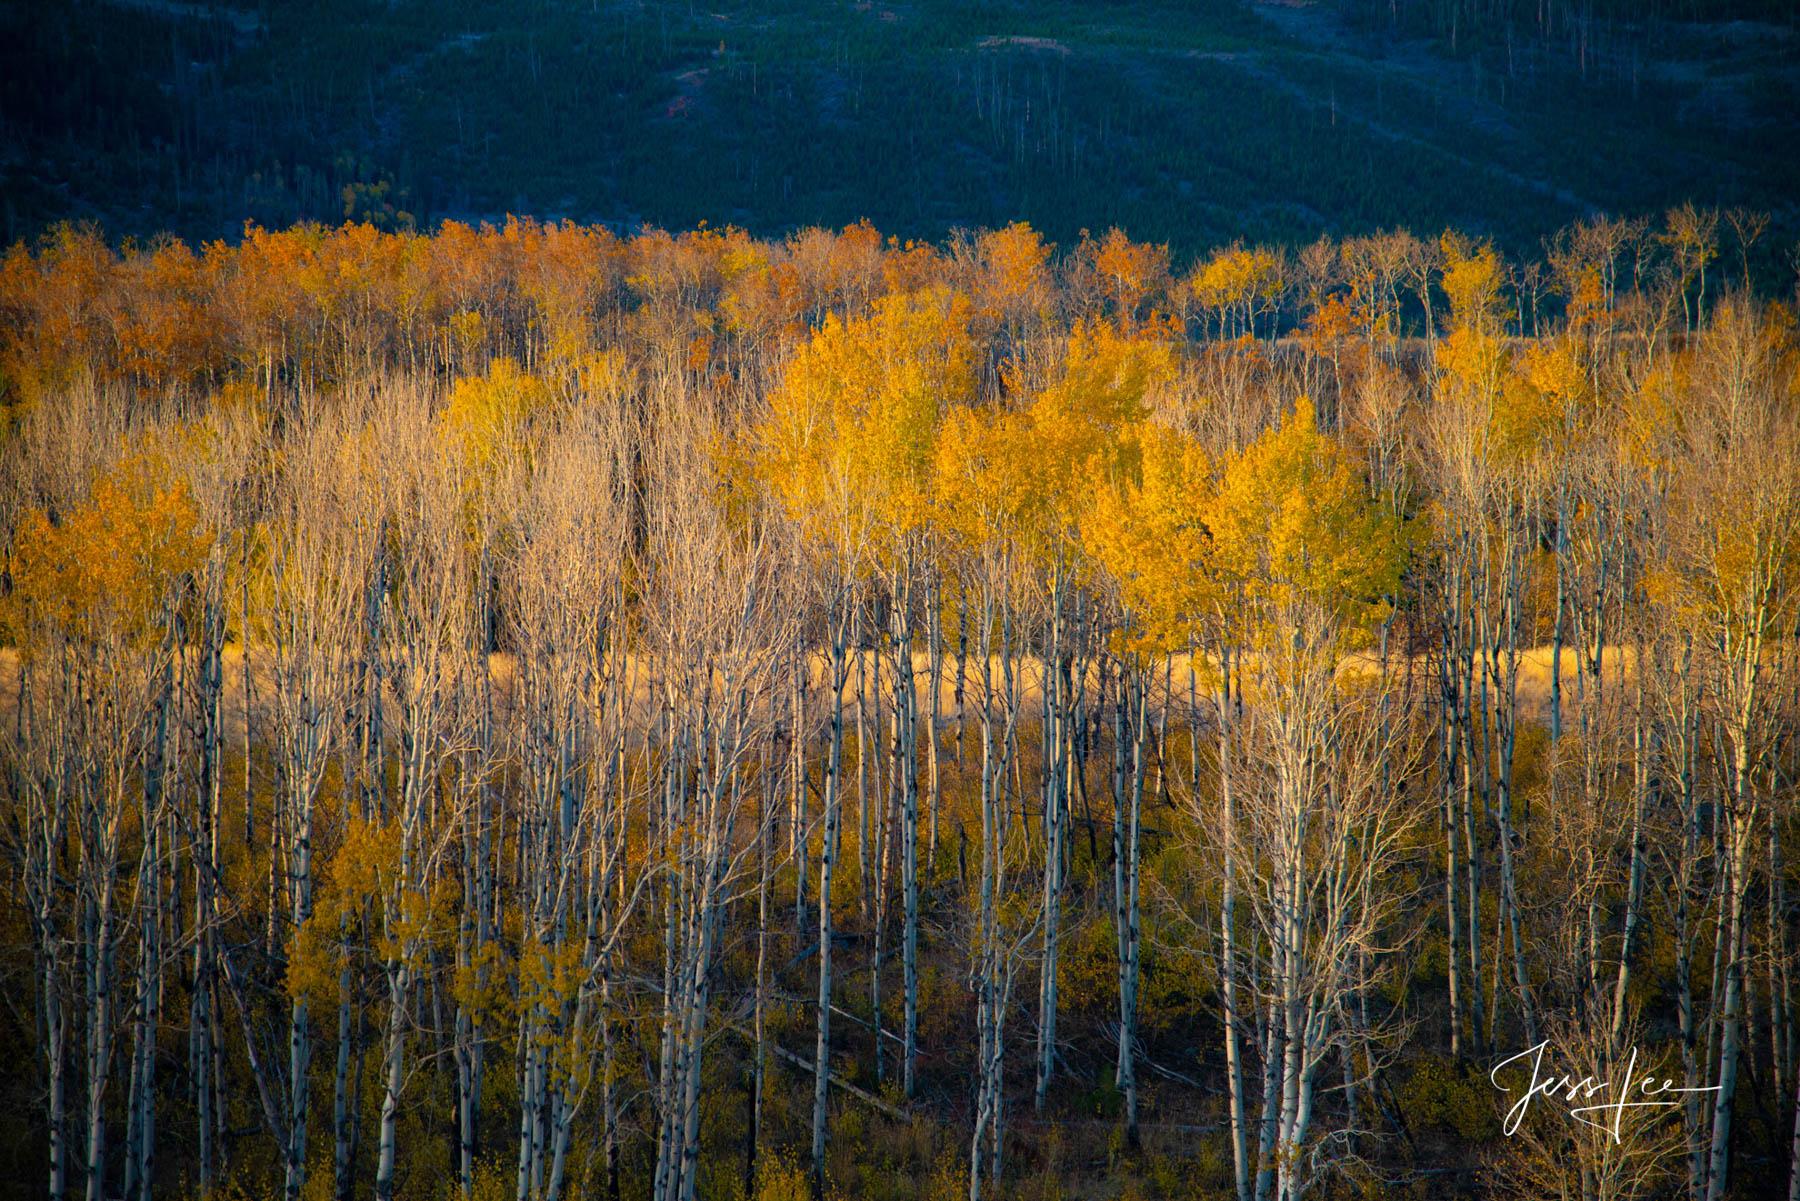 Golden Layers of Autumn Aspen Trees